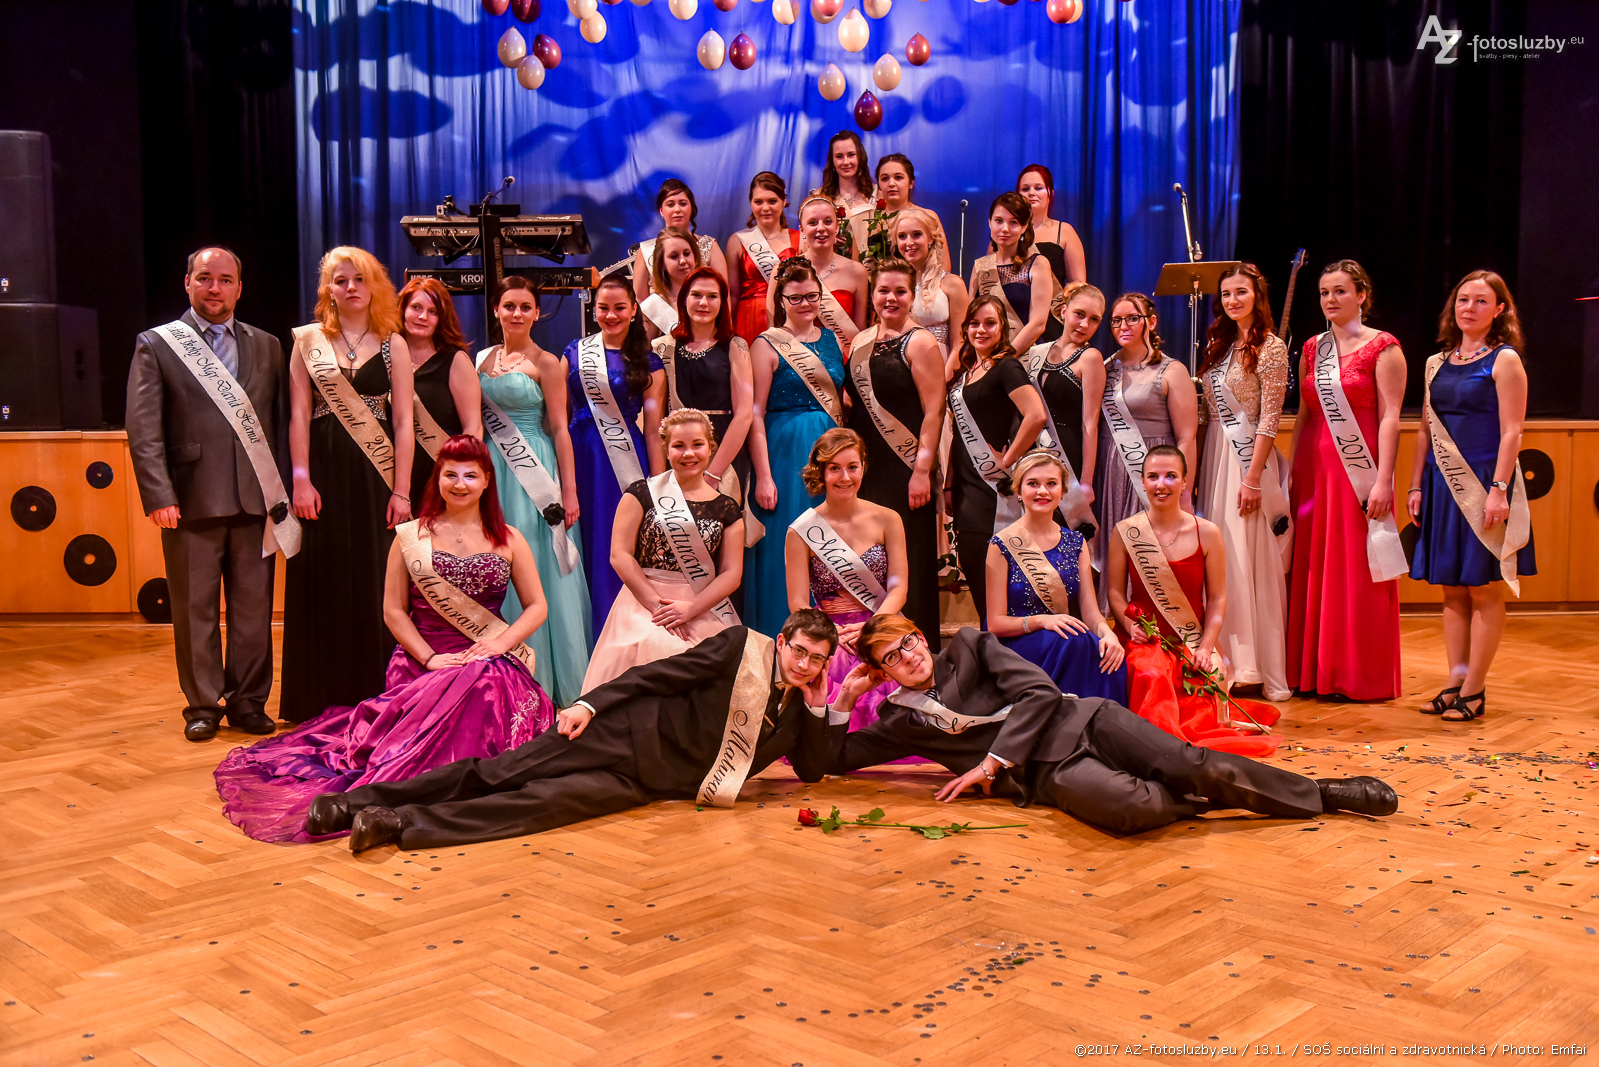 Už máte vyřešeno fotografování maturitního plesu?